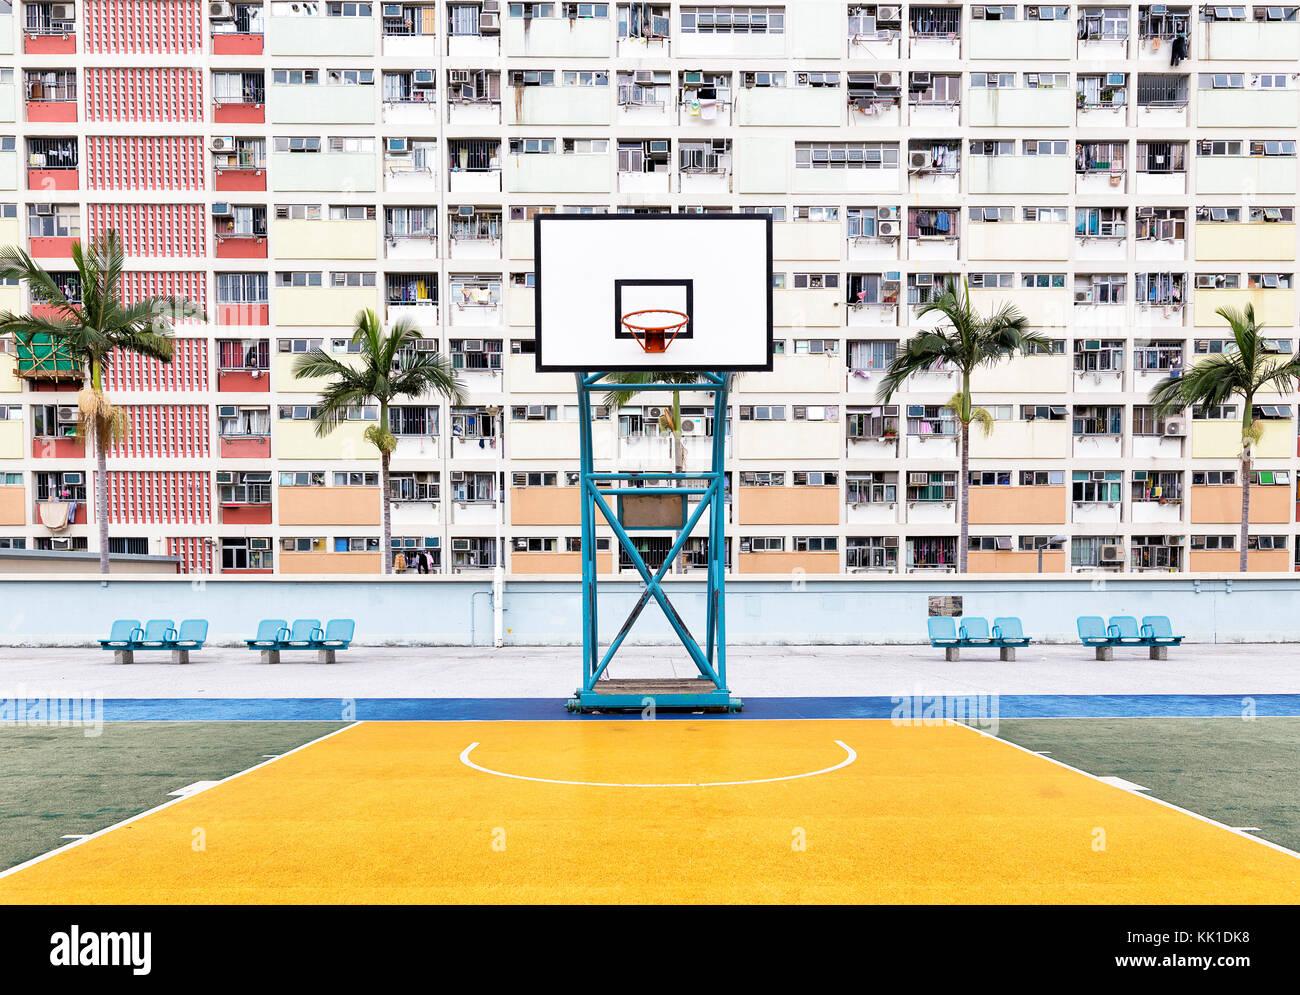 Choi Hung Estate in Hong Kong China Stock Photo